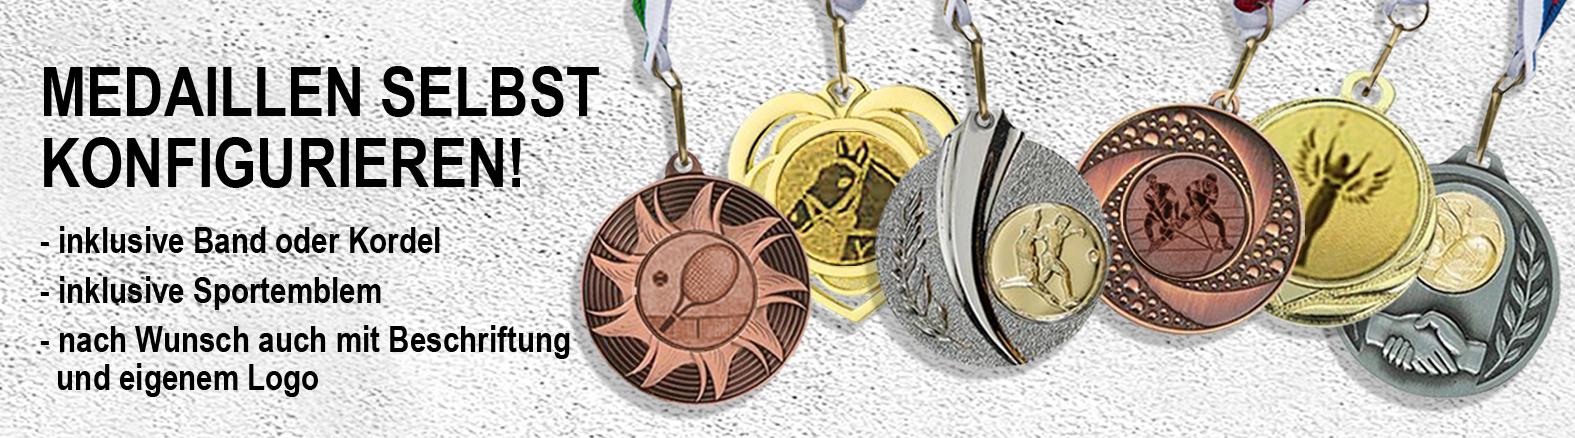 Medaillen und Pokale kaufen Pokalshop Medaillen.de